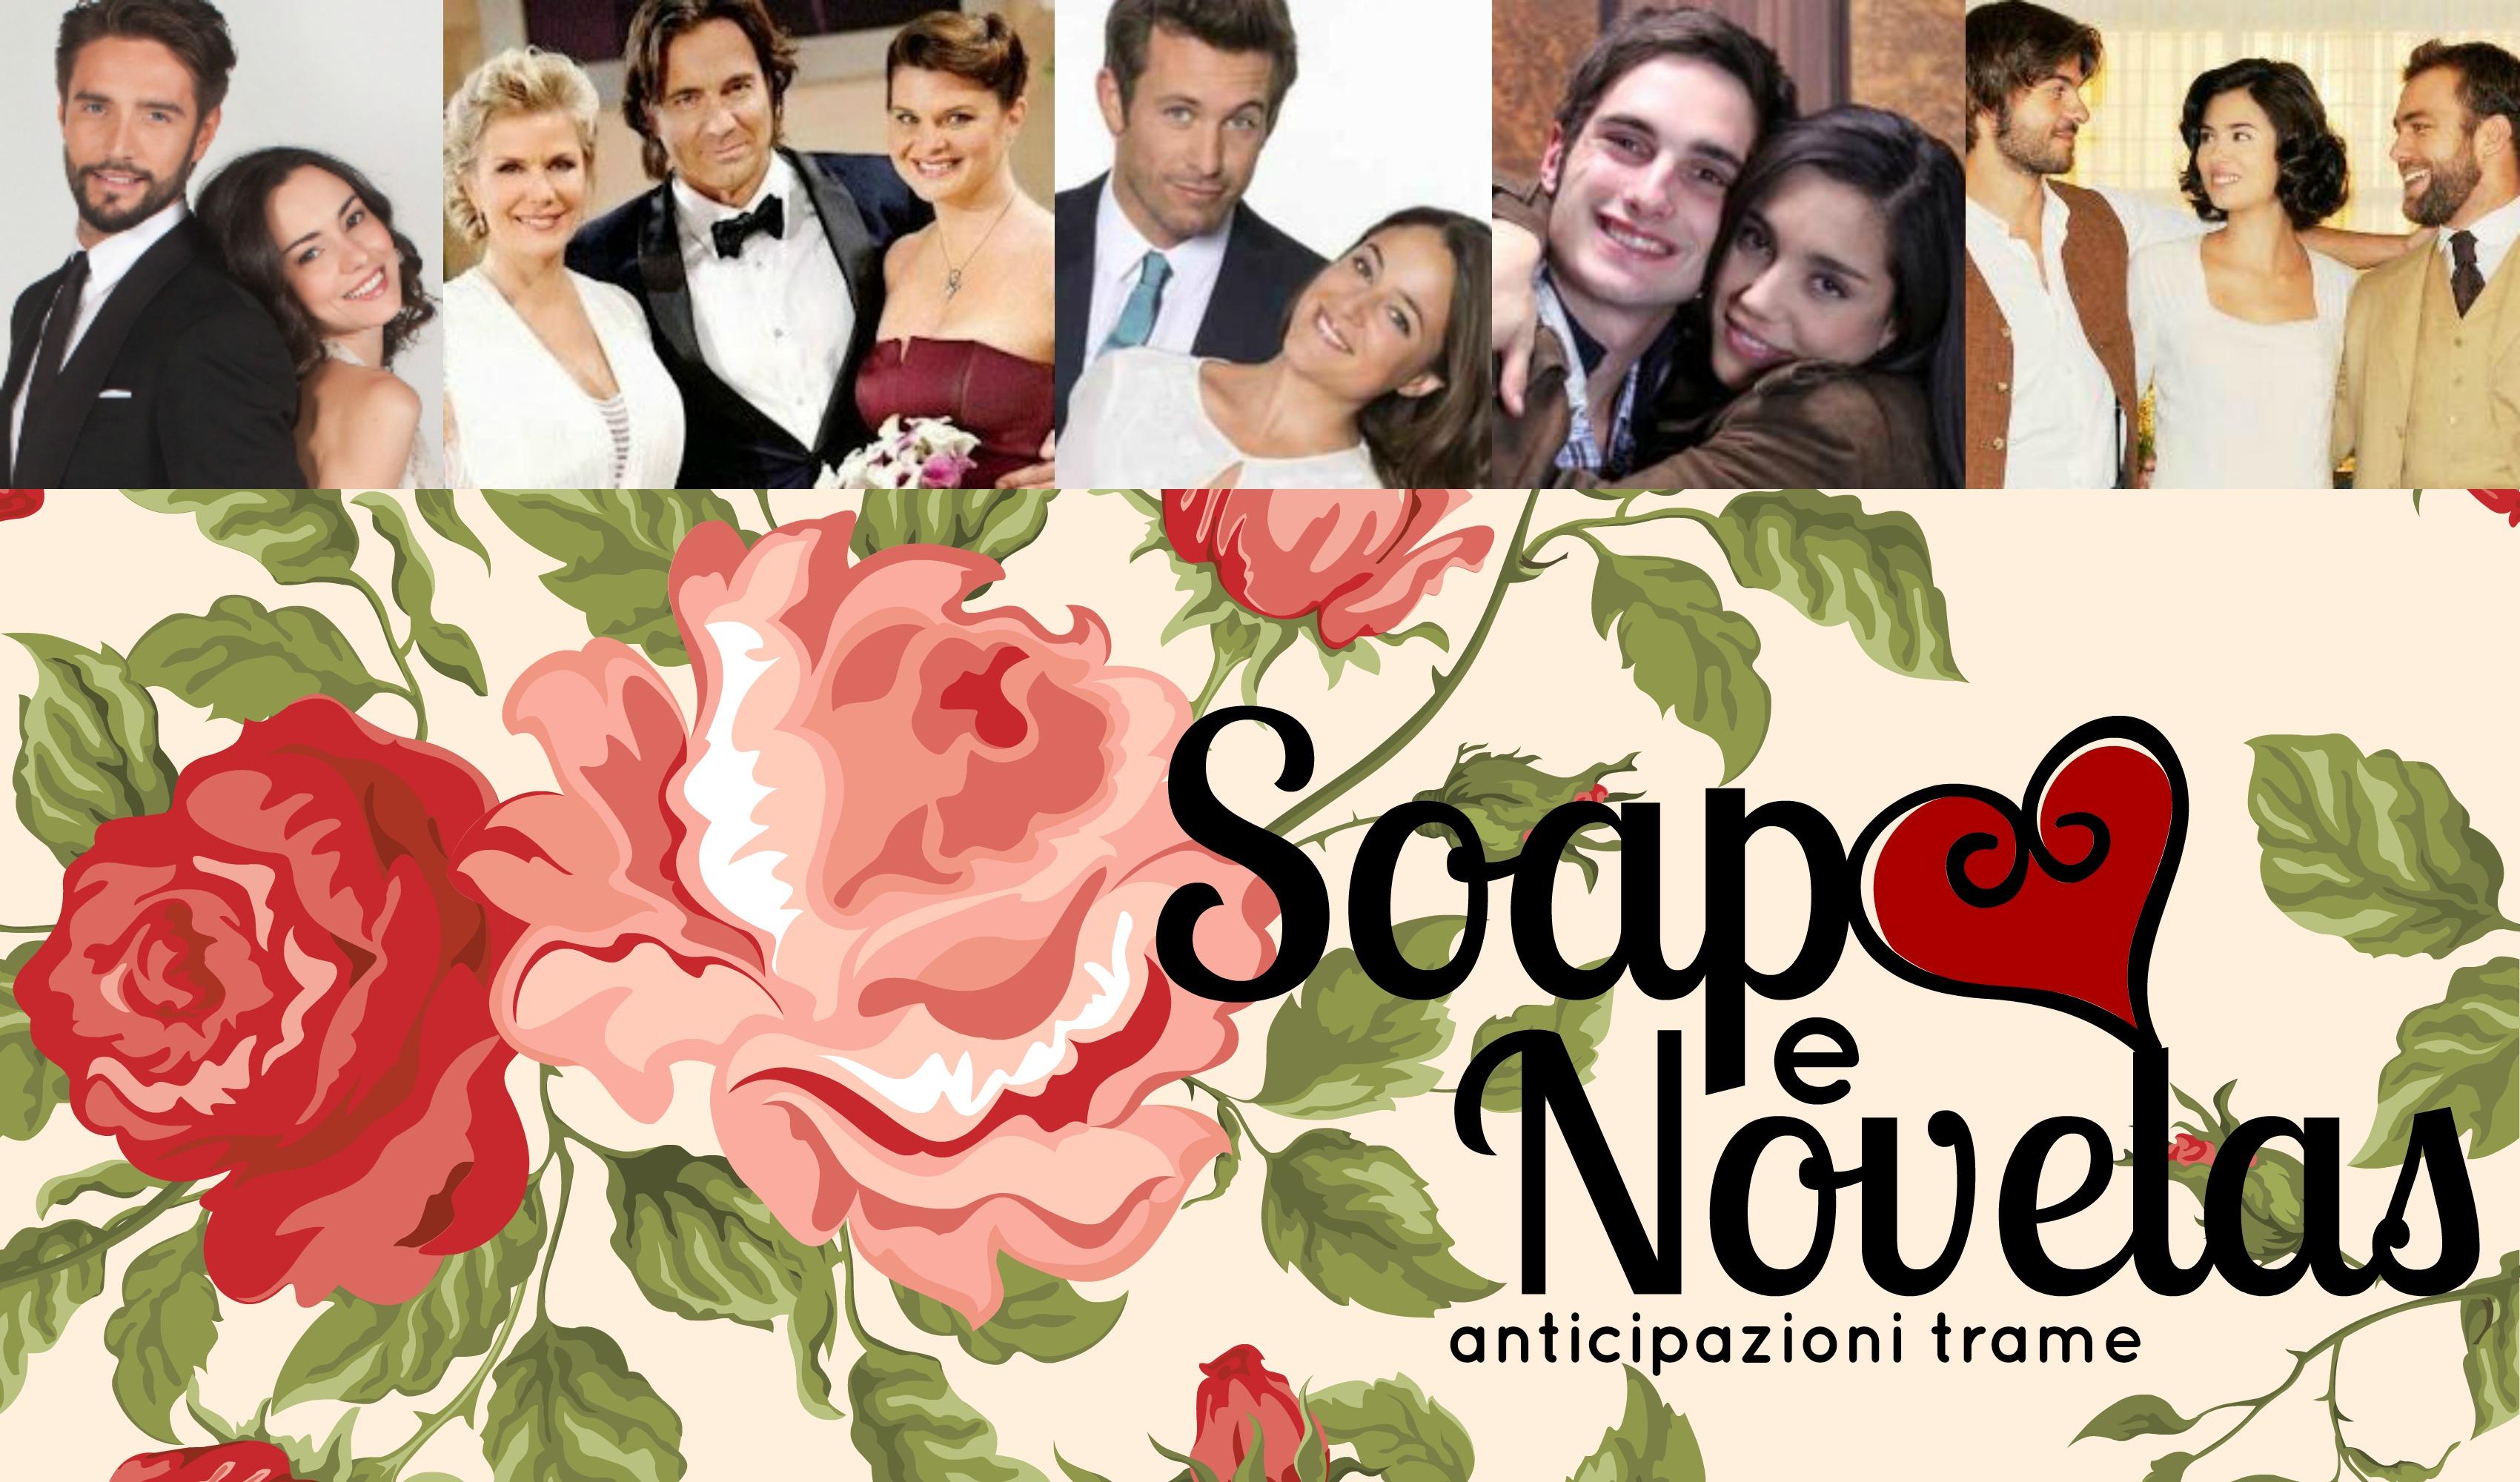 SOAP&NOVELAS | ANTICIPAZIONI TRAME 29 MARZO - 4 APRILE 2015: BEAUTIFUL, IL SEGRETO, TEMPESTA D'AMORE, UN POSTO AL SOLE